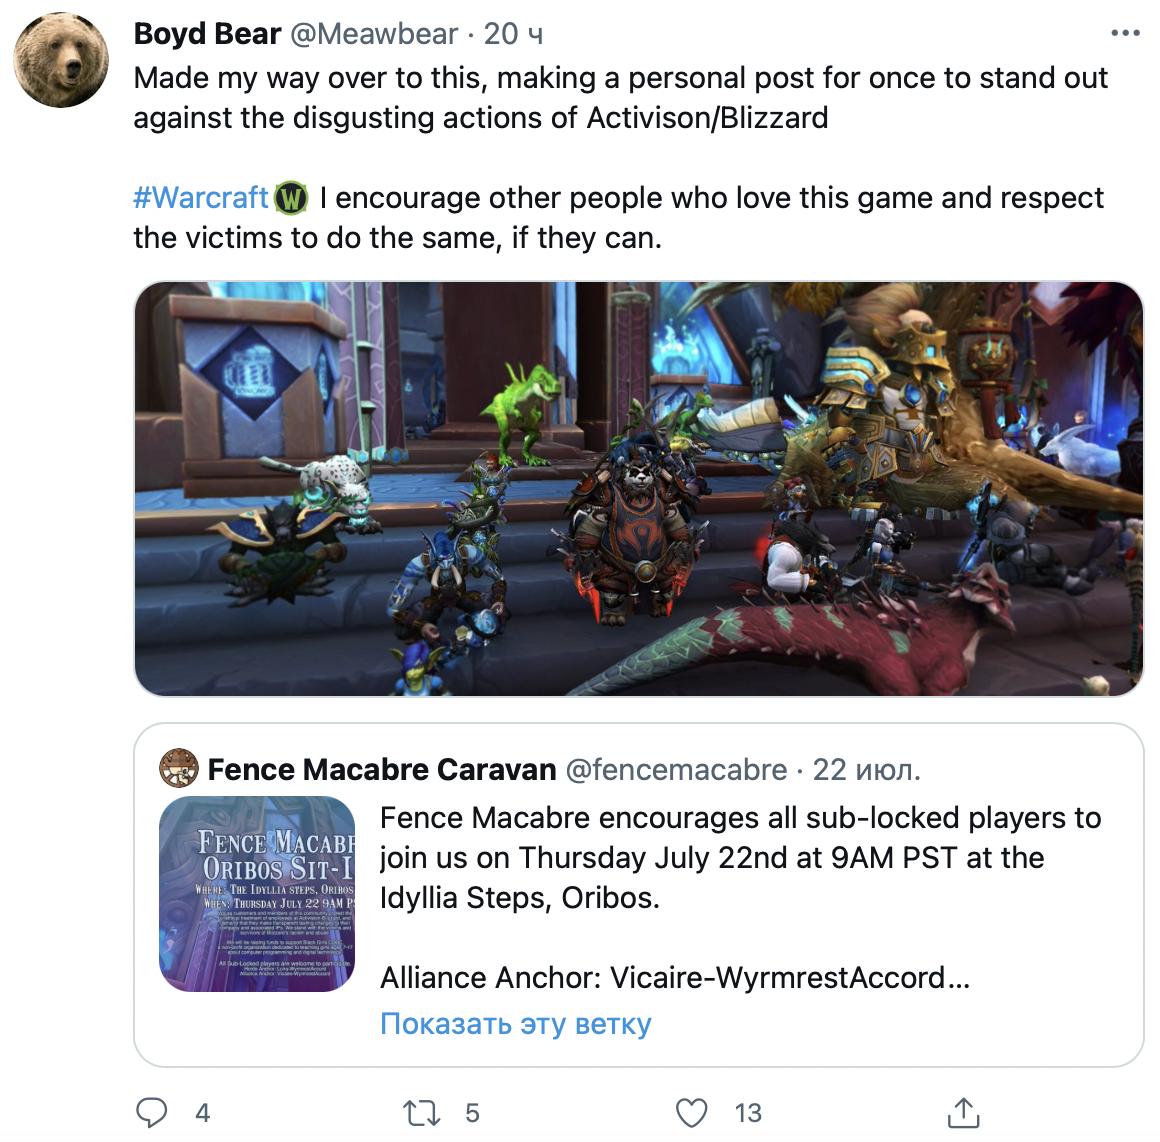 «Я сделал этот пост, чтобы высказаться против отвратительных действий Activision/Blizzard. Я призываю других людей, которые любят эту игру иуважают пострадавших, повозможности сделать то же самое».